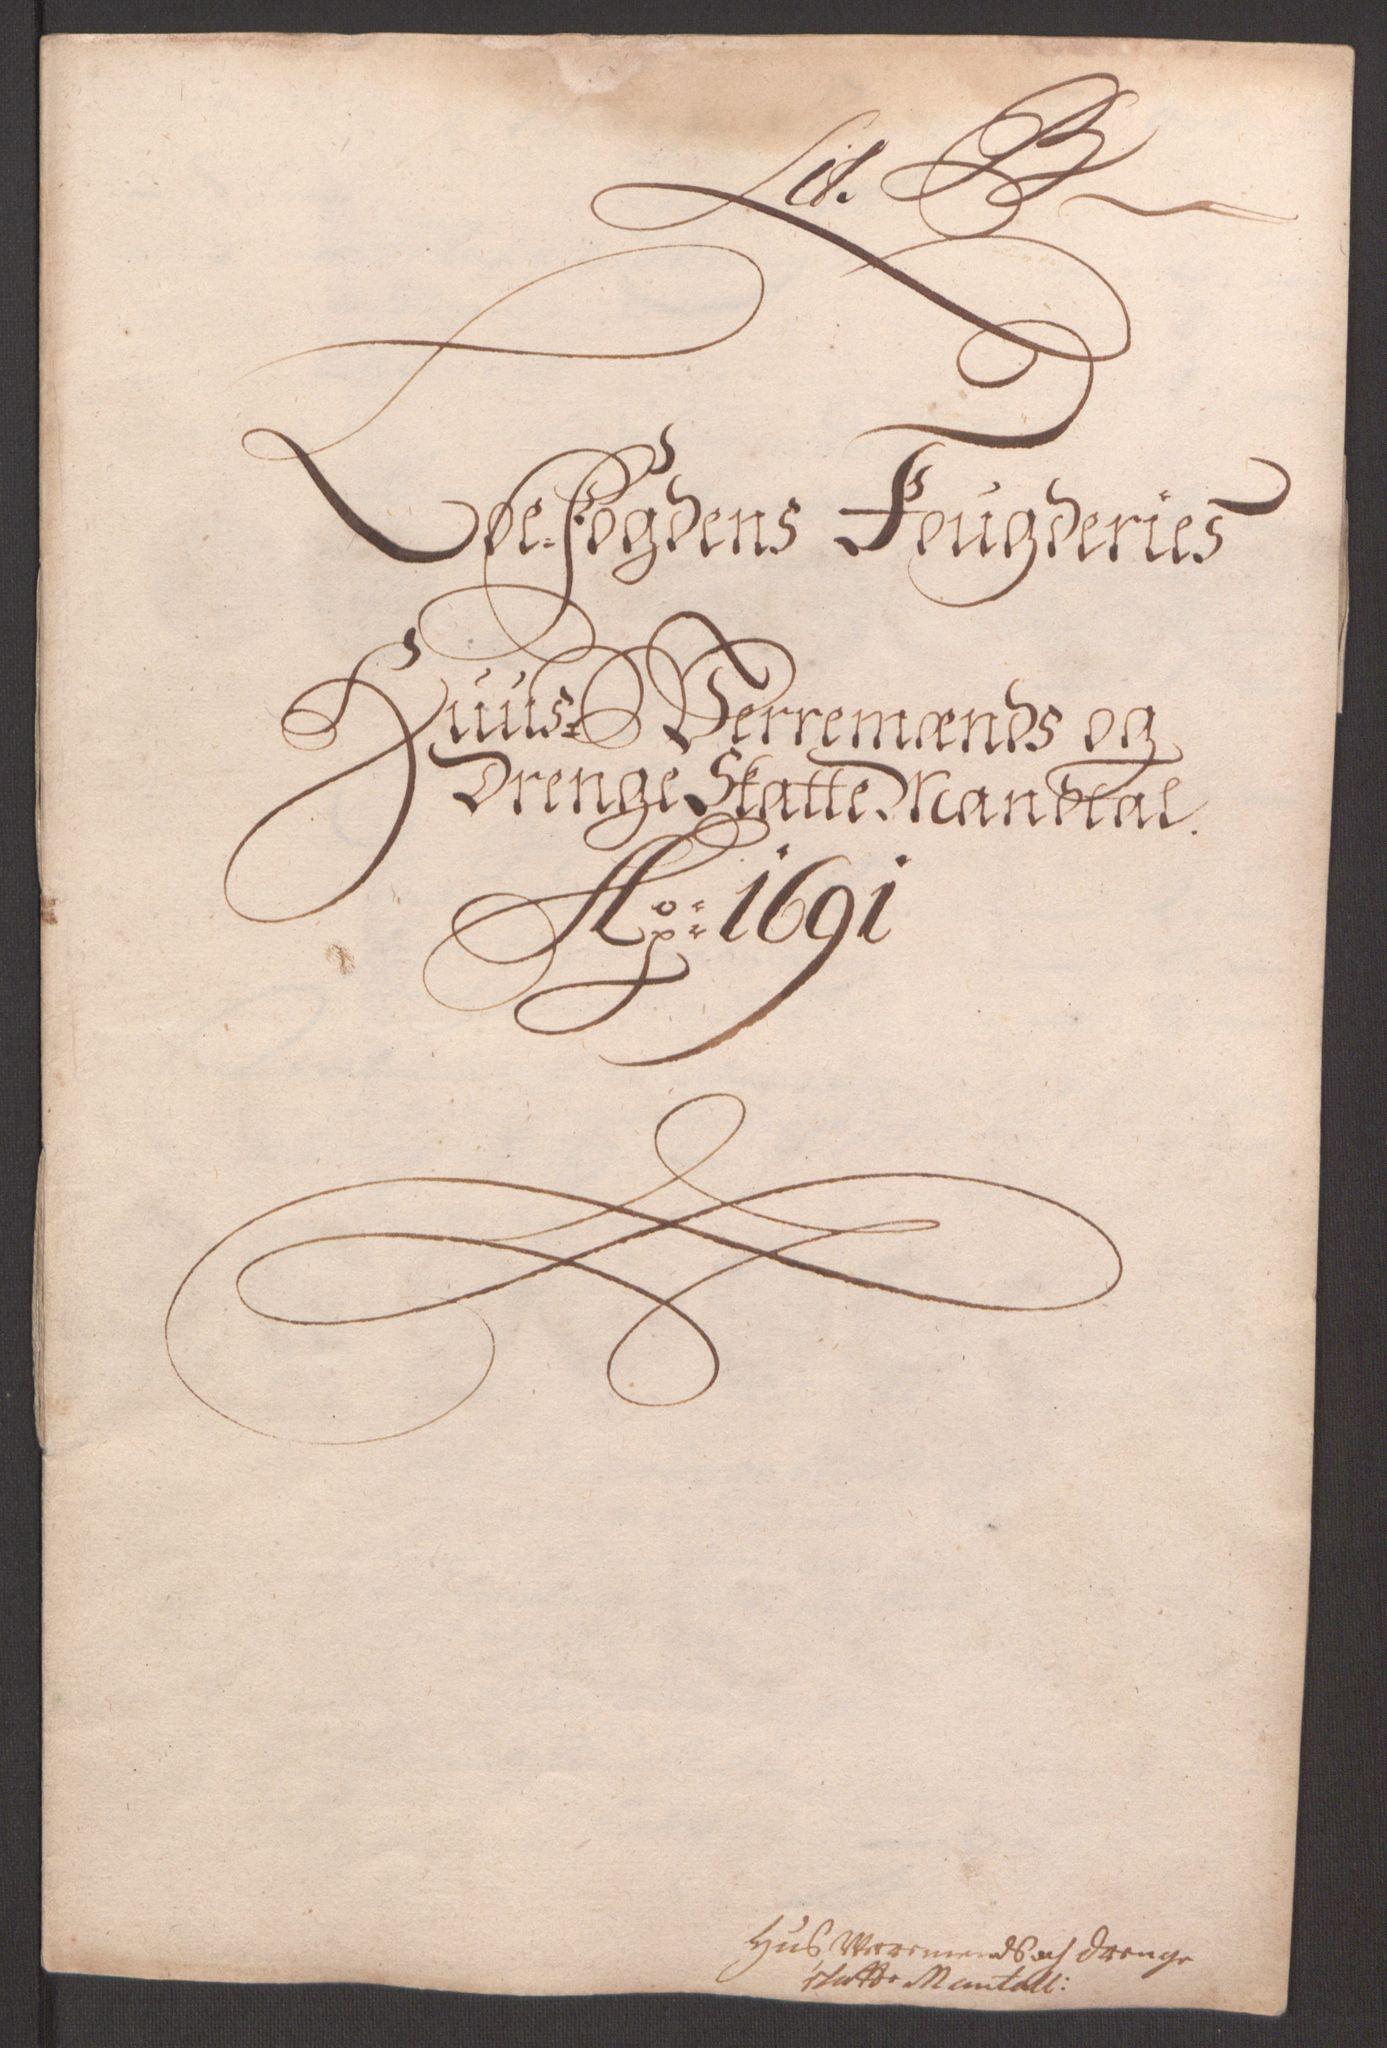 RA, Rentekammeret inntil 1814, Reviderte regnskaper, Fogderegnskap, R67/L4675: Fogderegnskap Vesterålen, Andenes og Lofoten, 1691-1693, s. 27